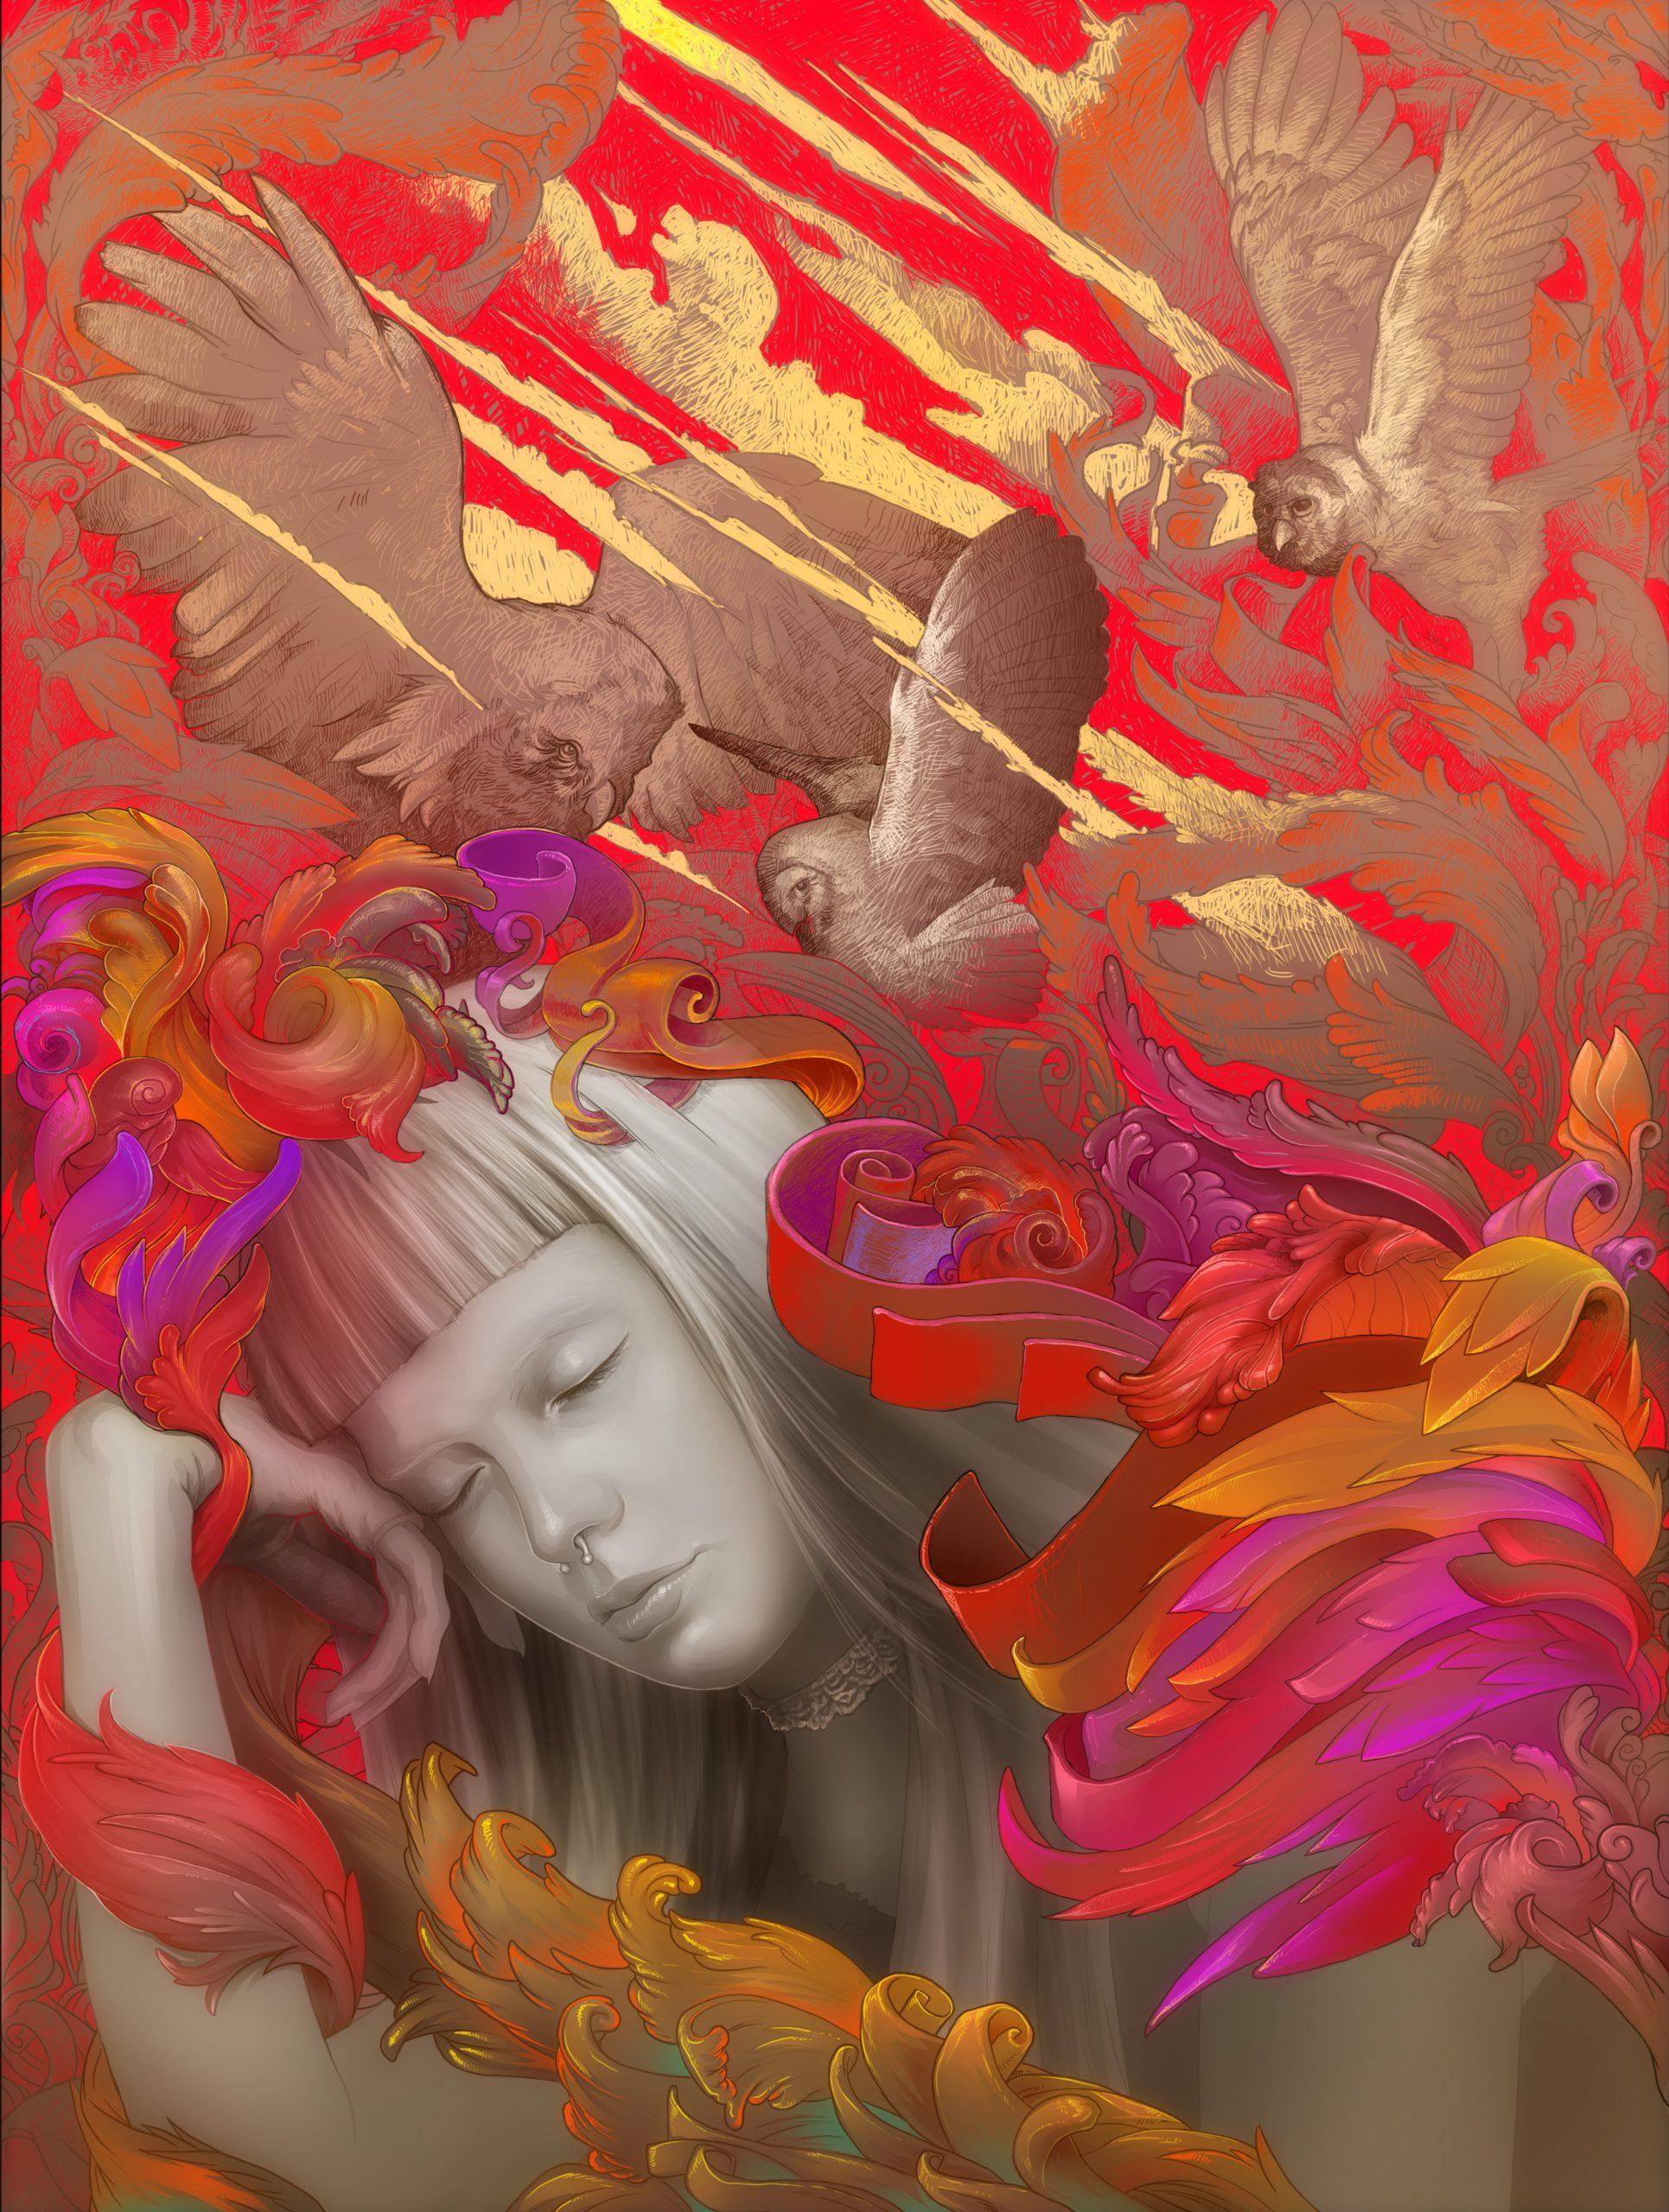 La déesse grecque Athena en train de rêver sur un fond coloré rouge et orange